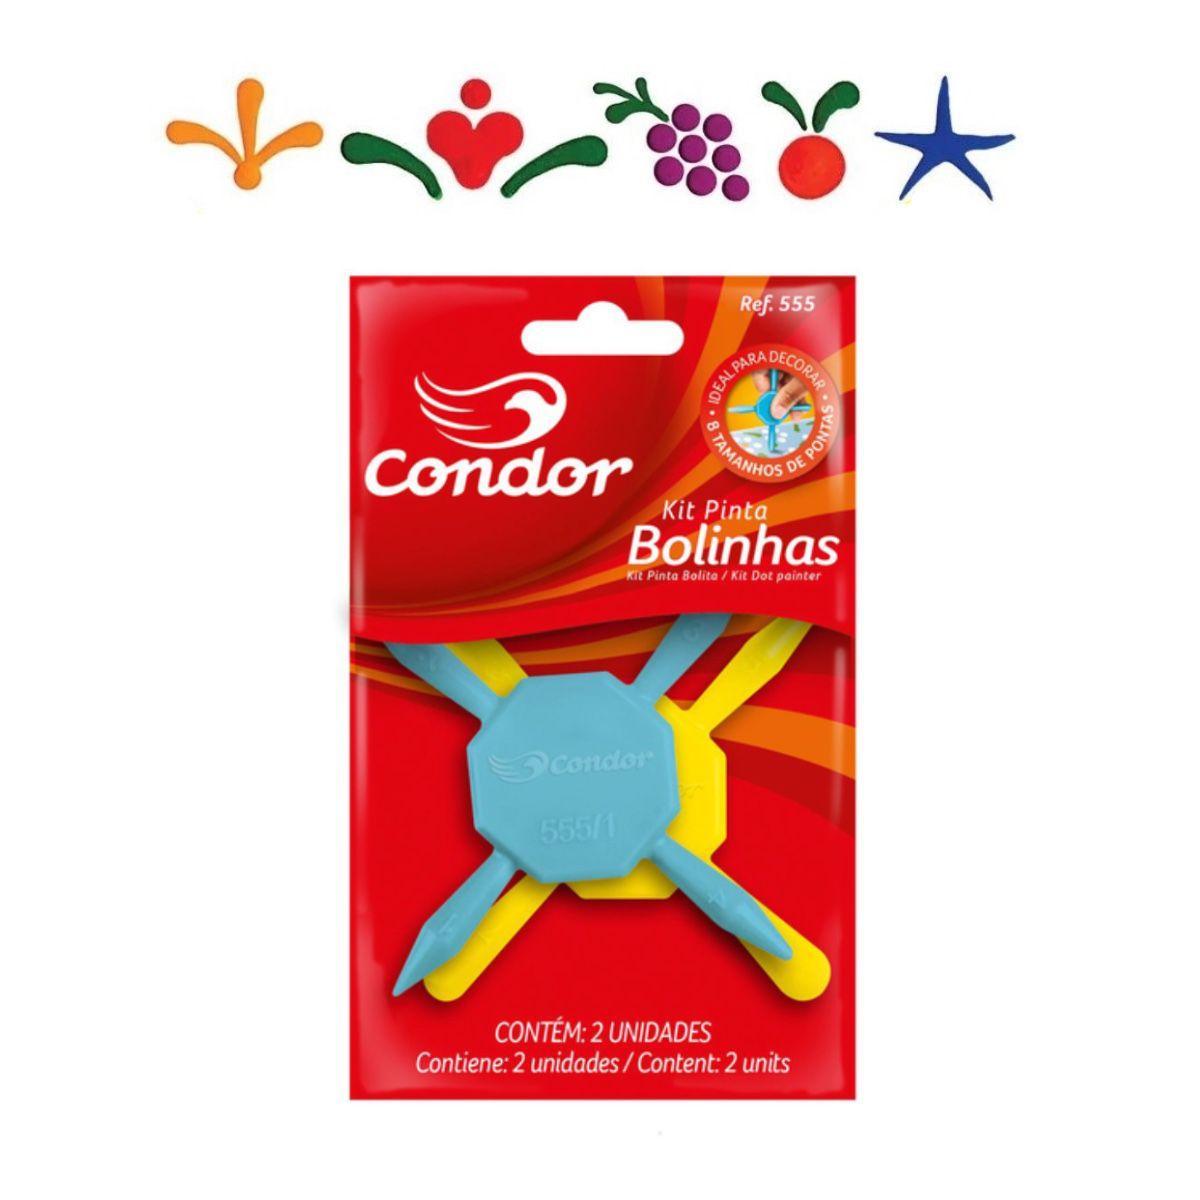 Pinta Bolinhas Condor Ref. 555